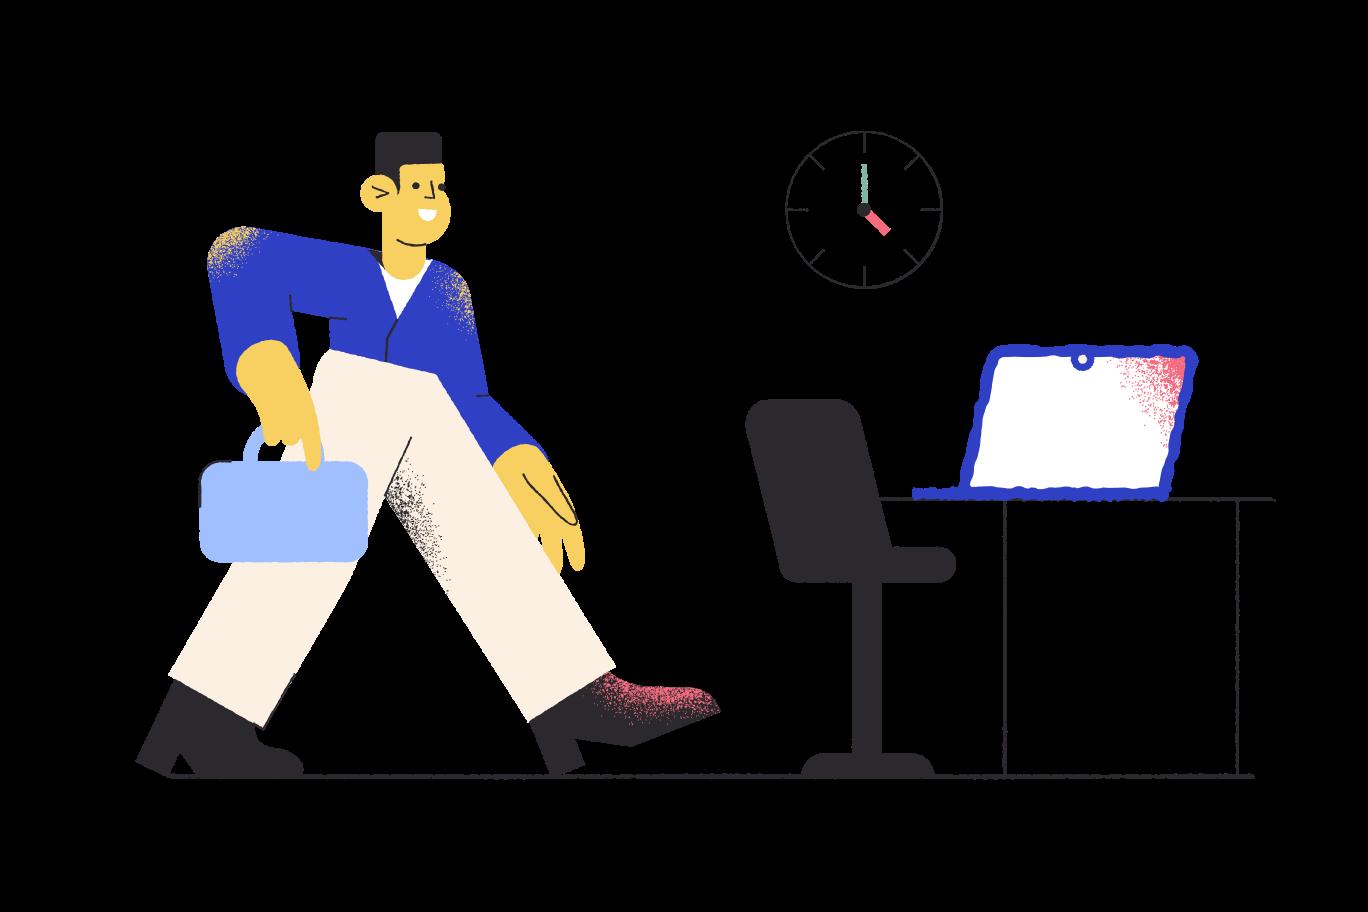 PNGとSVGの  スタイルの オフィス ベクターイメージ | Icons8 イラスト